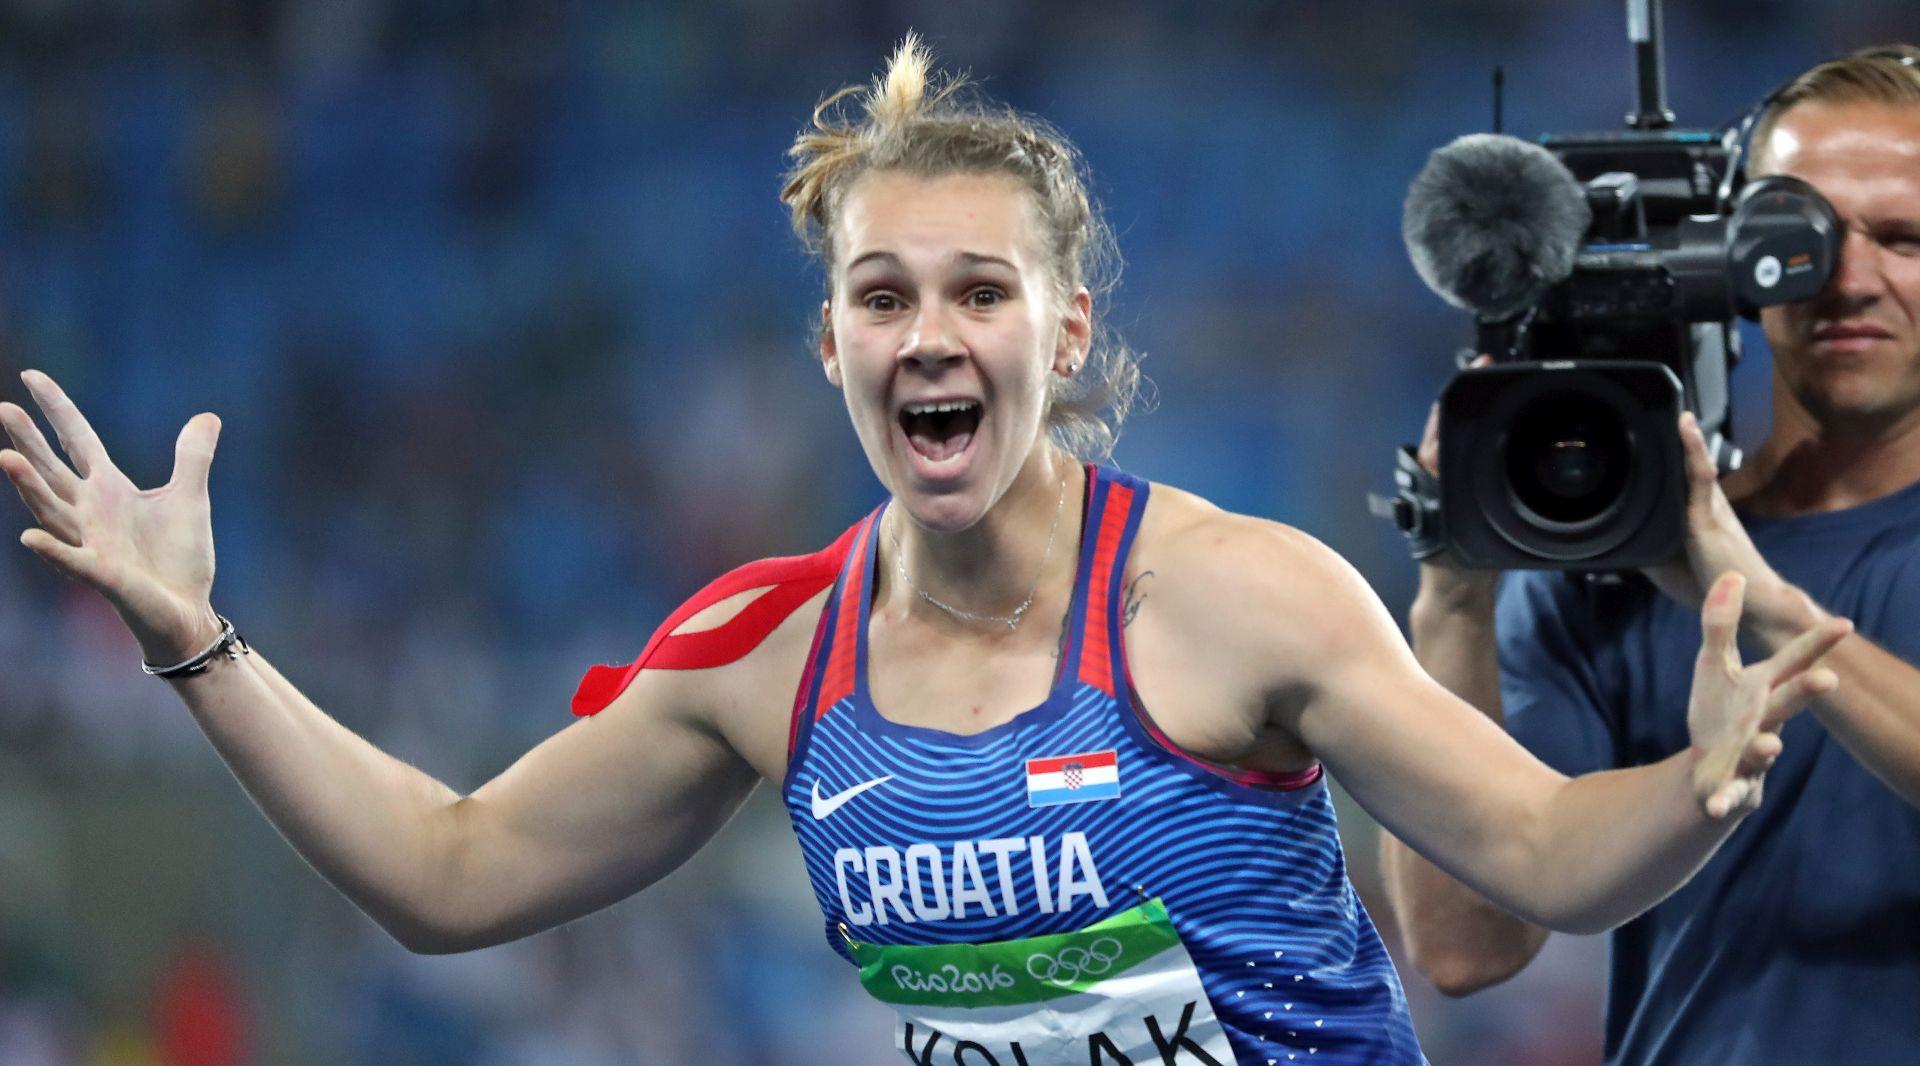 OI ATLETIKA Sara Kolak u finale koplja s trećim rezultatom kvalifikacija i novim hrvatskim rekordom